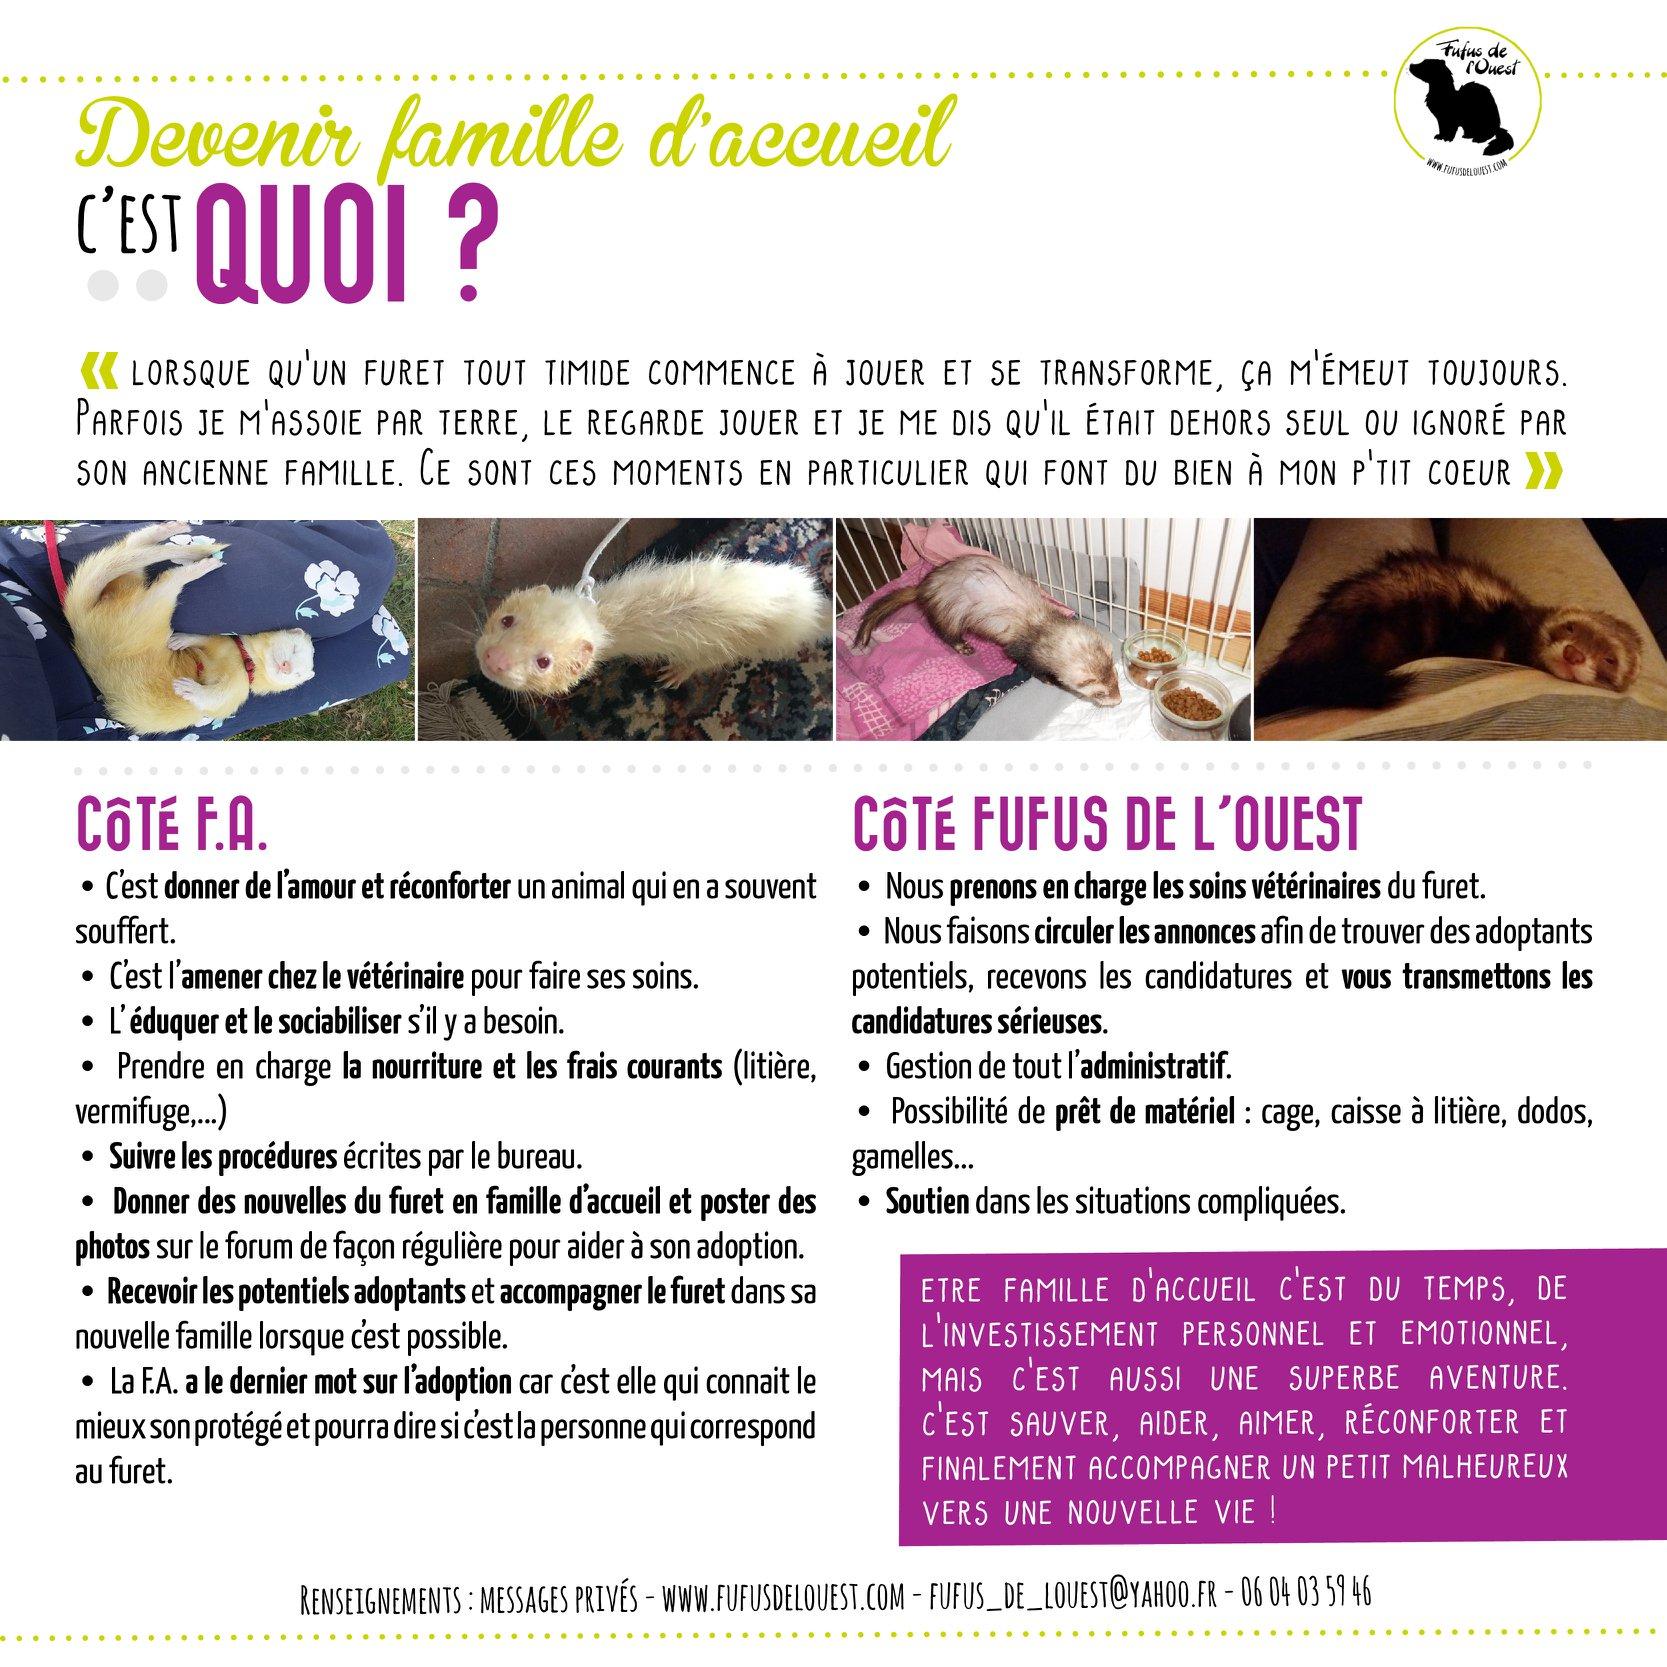 Cherche FAMILLES D'ACCUEIL pour FURETS - URGENT !